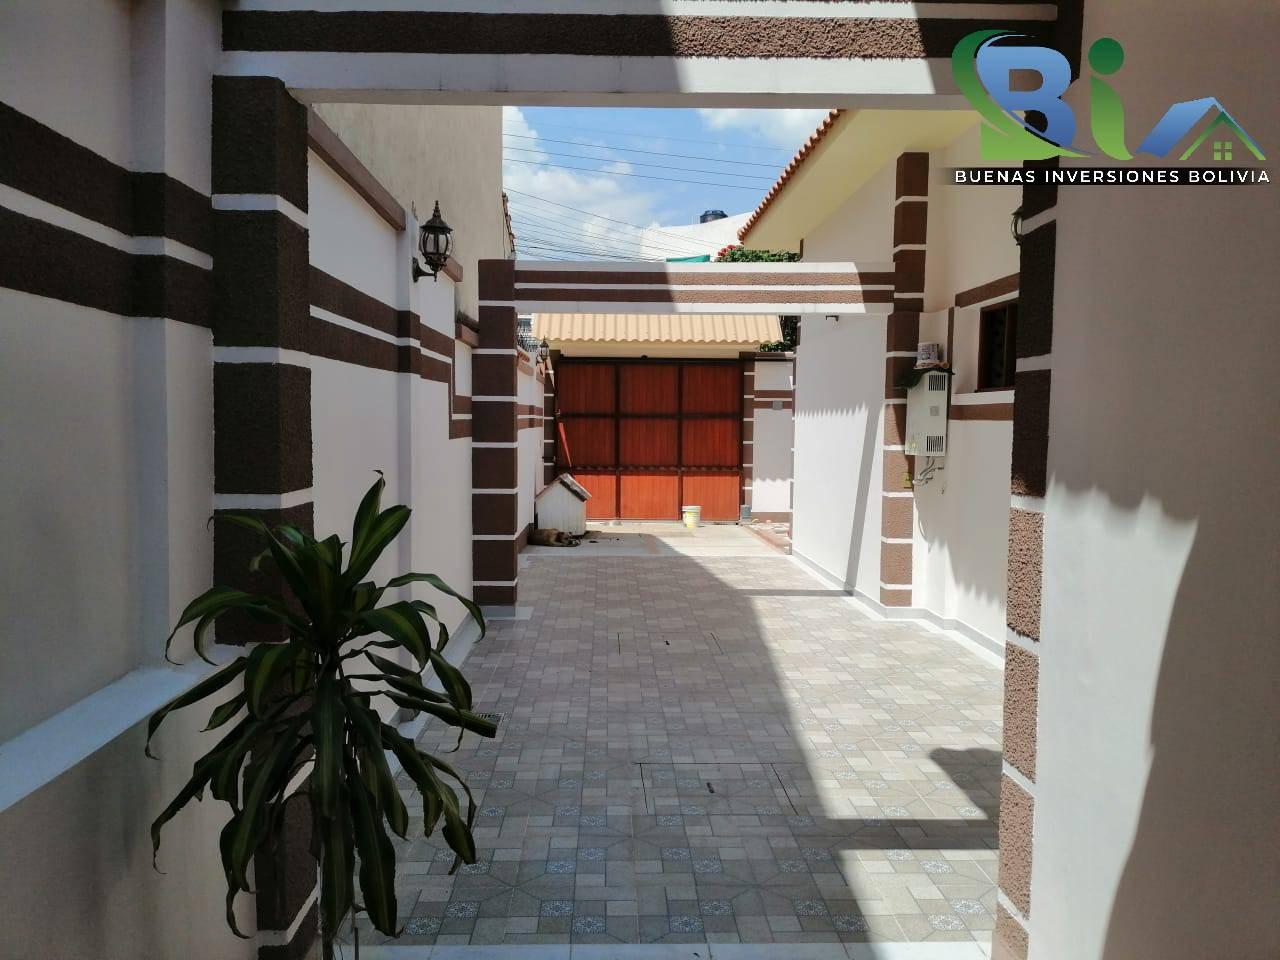 Casa en Venta $us 362.000.- CASA NUEVA PROX. PARQUE LINCOLN Foto 2